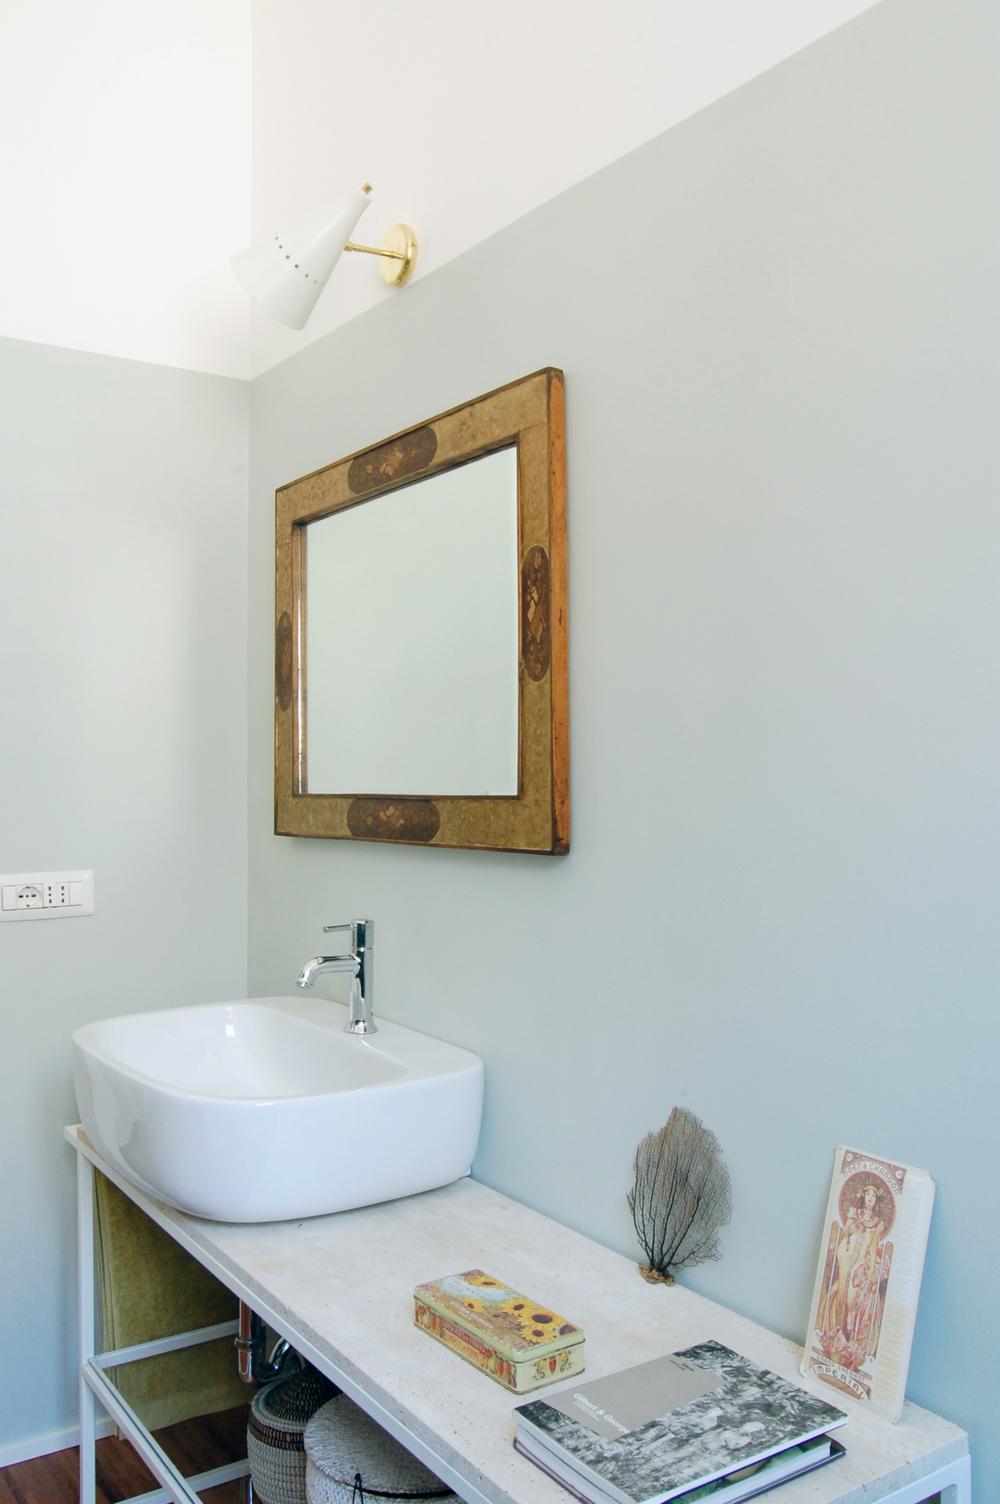 Il bagno rispecchia l'atmosfera della casa: iuce avvolgente e spazi semplici creano i presupposti per un'ambientazione calda e dettagli romantici.